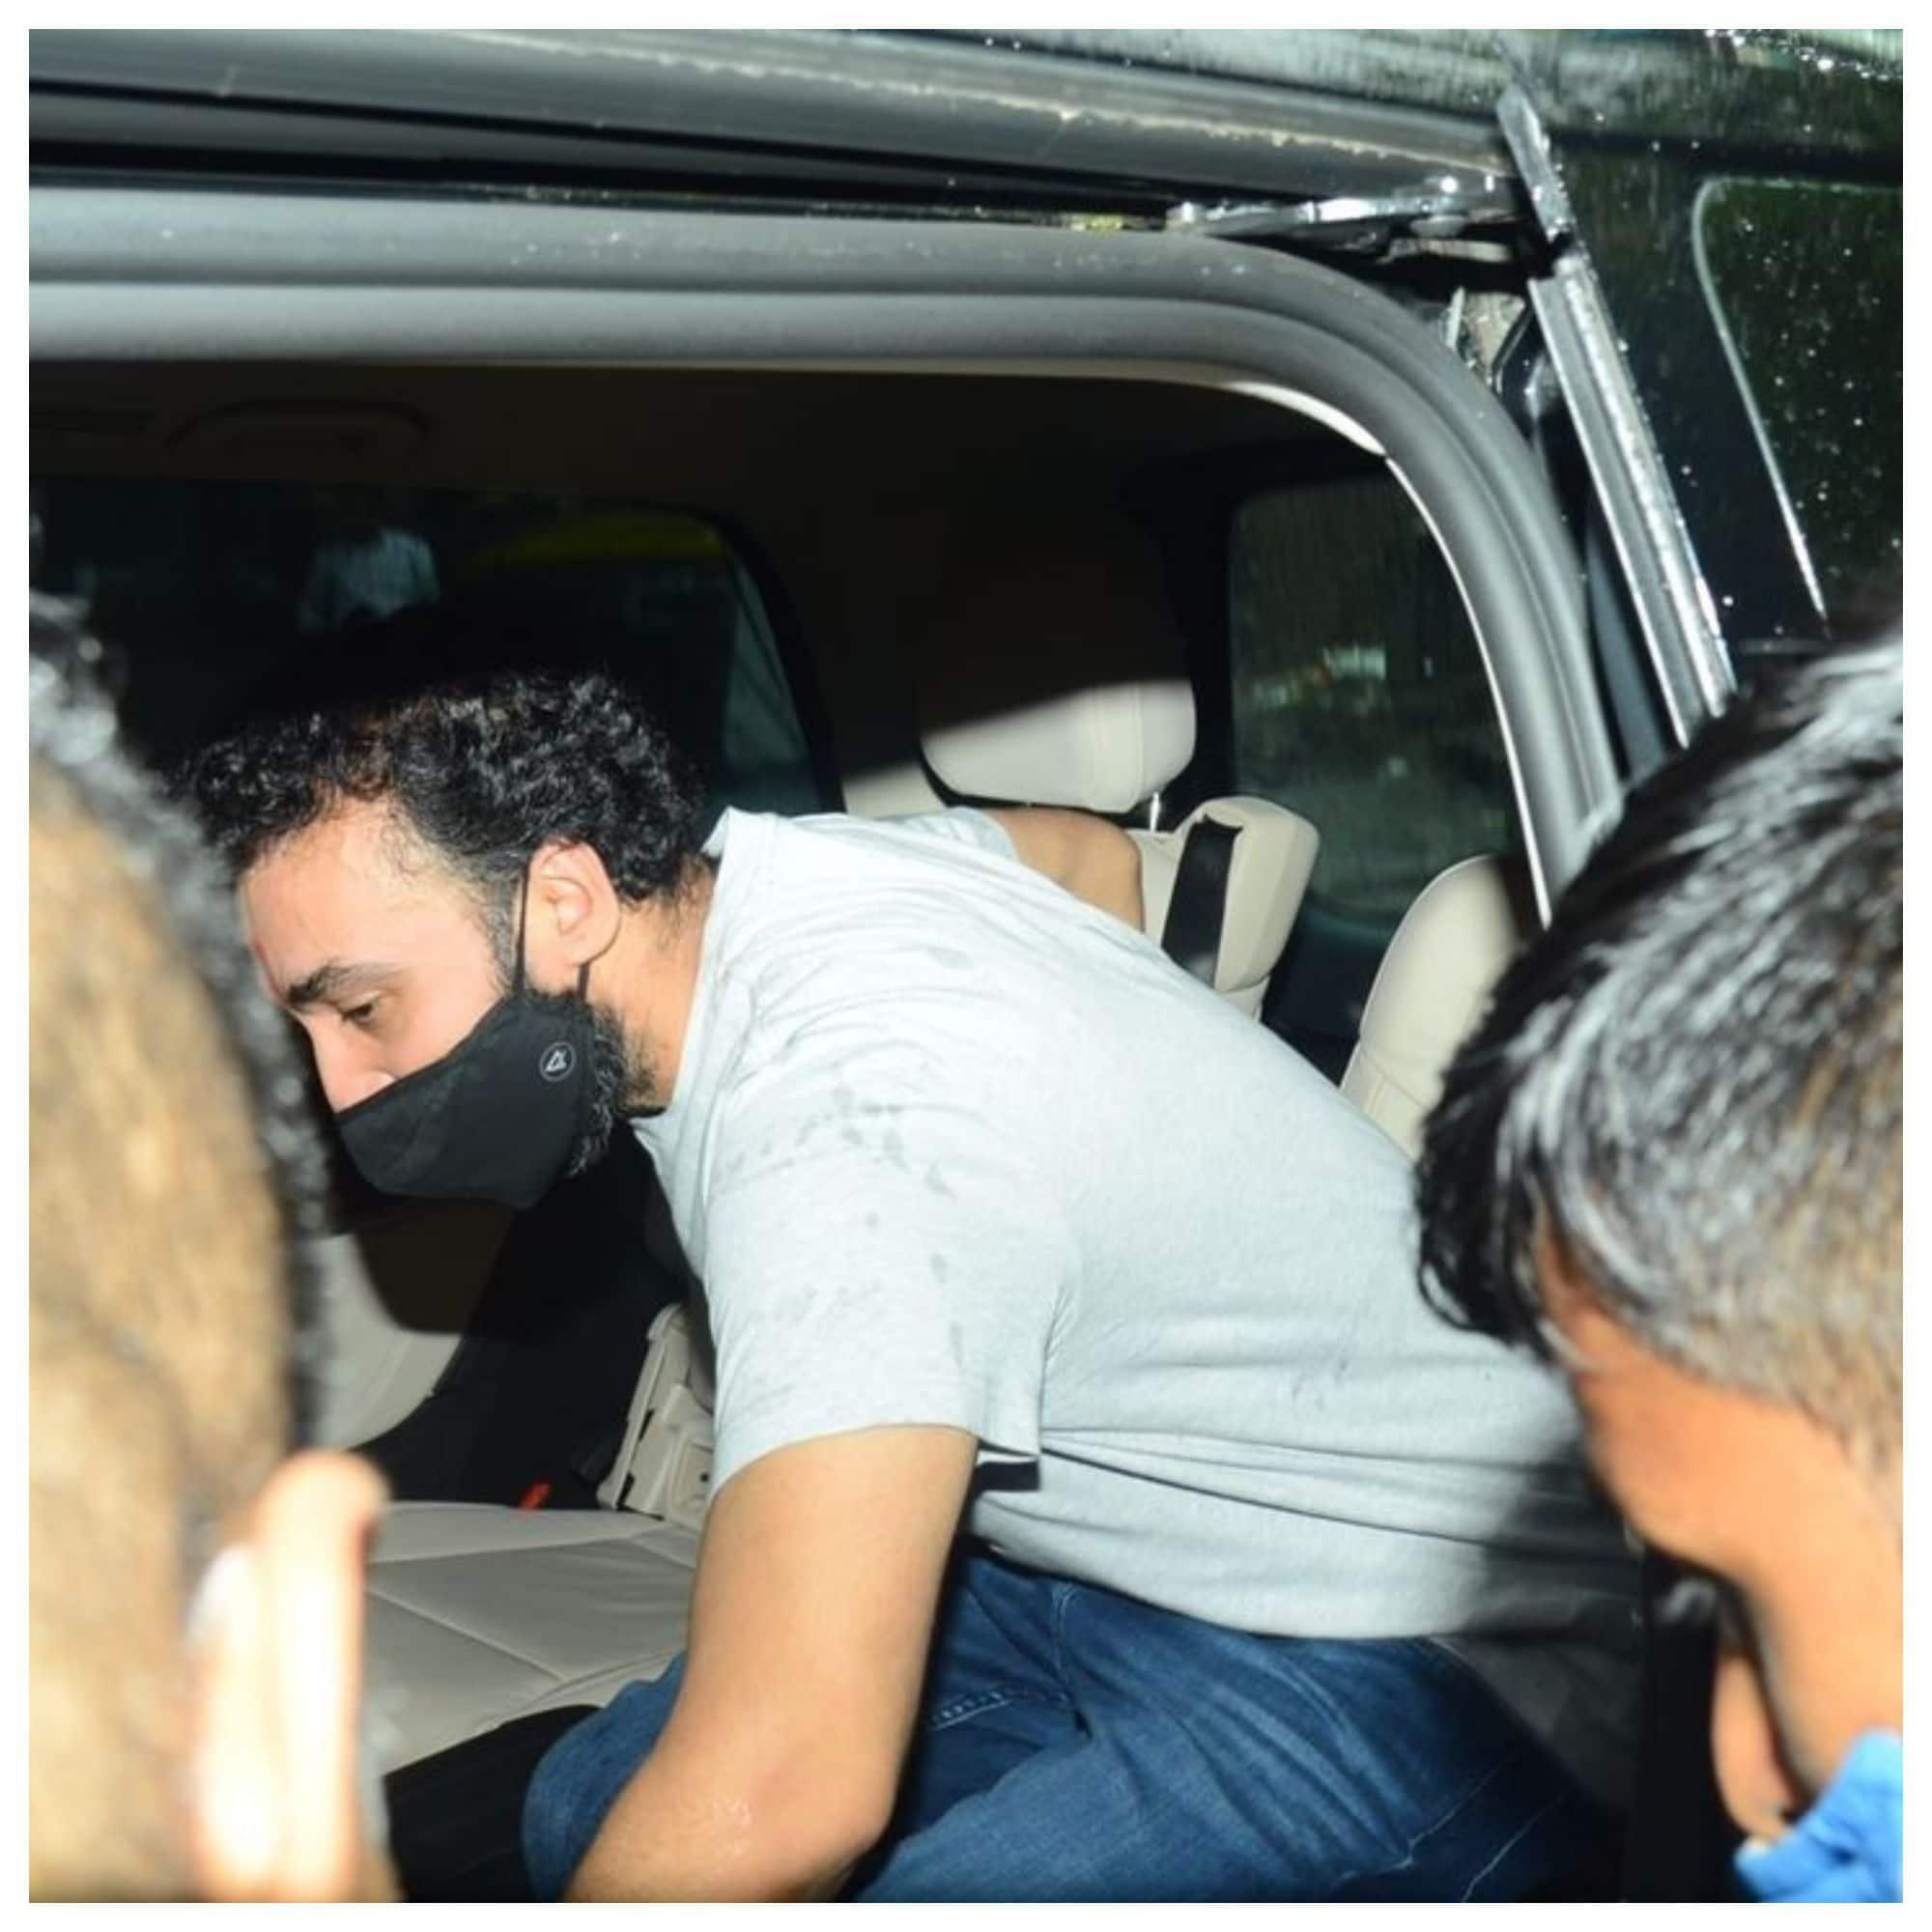 चुपचाप कार में बैठे राज कुंद्रा